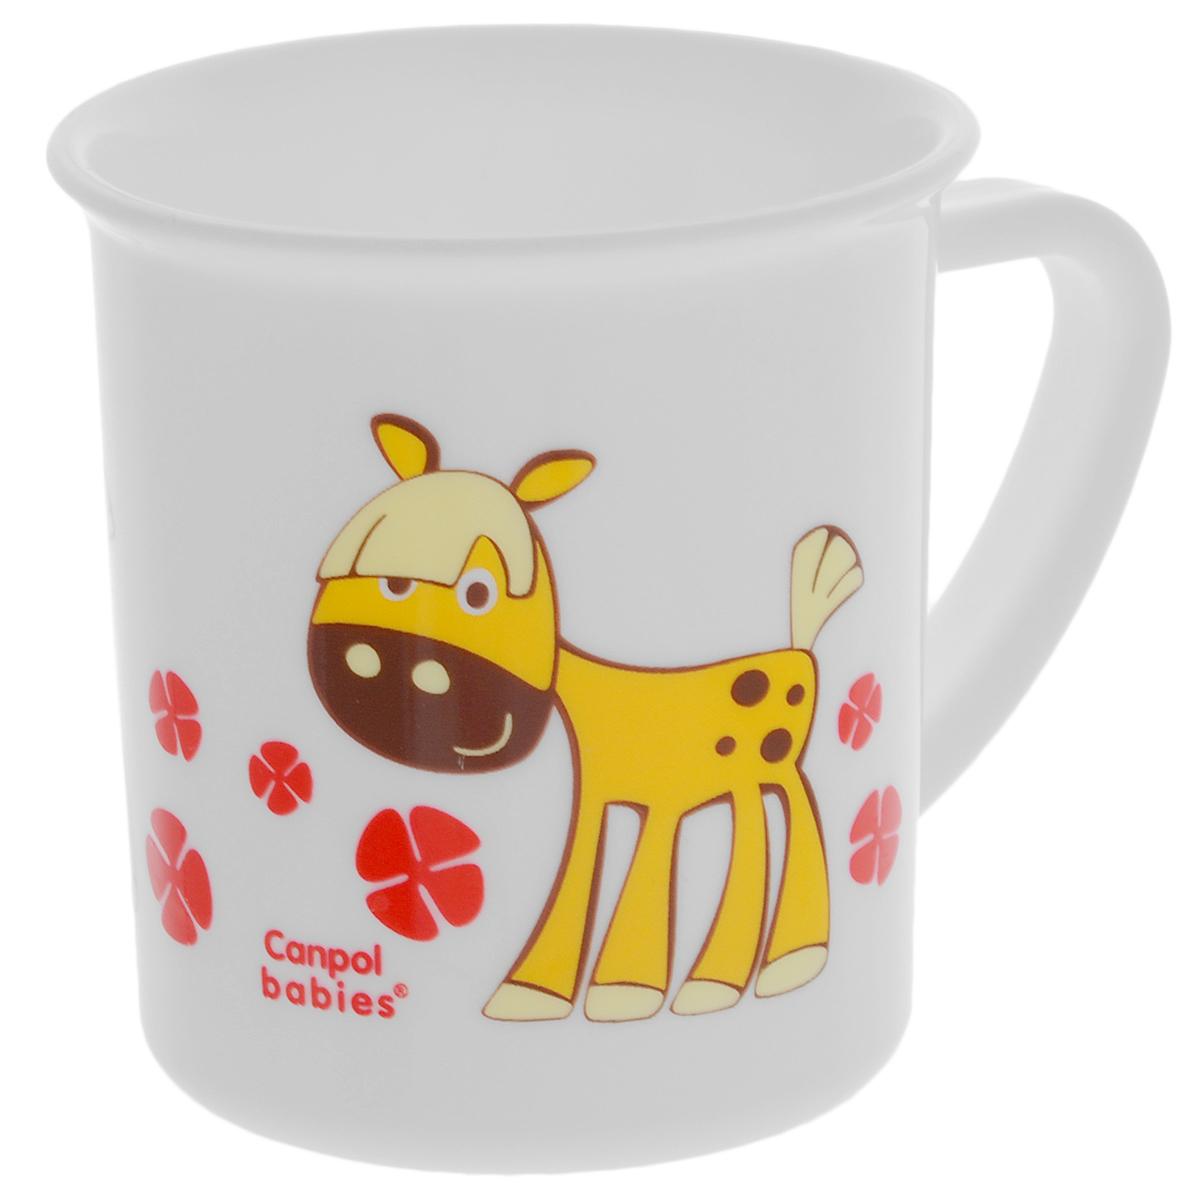 Canpol Babies Чашка детская Лошадка цвет желтый115510Детская чашка Canpol Babies предназначена для того, чтобы приучить малыша пить из посуды для взрослых. Чашка выполнена из безопасного полипропилена и оформлена изображением забавной лошадки.Чашка выглядит совсем как обычная, однако она меньше по объему. Если случайно малыш уронит чашку, то она не разобьется.